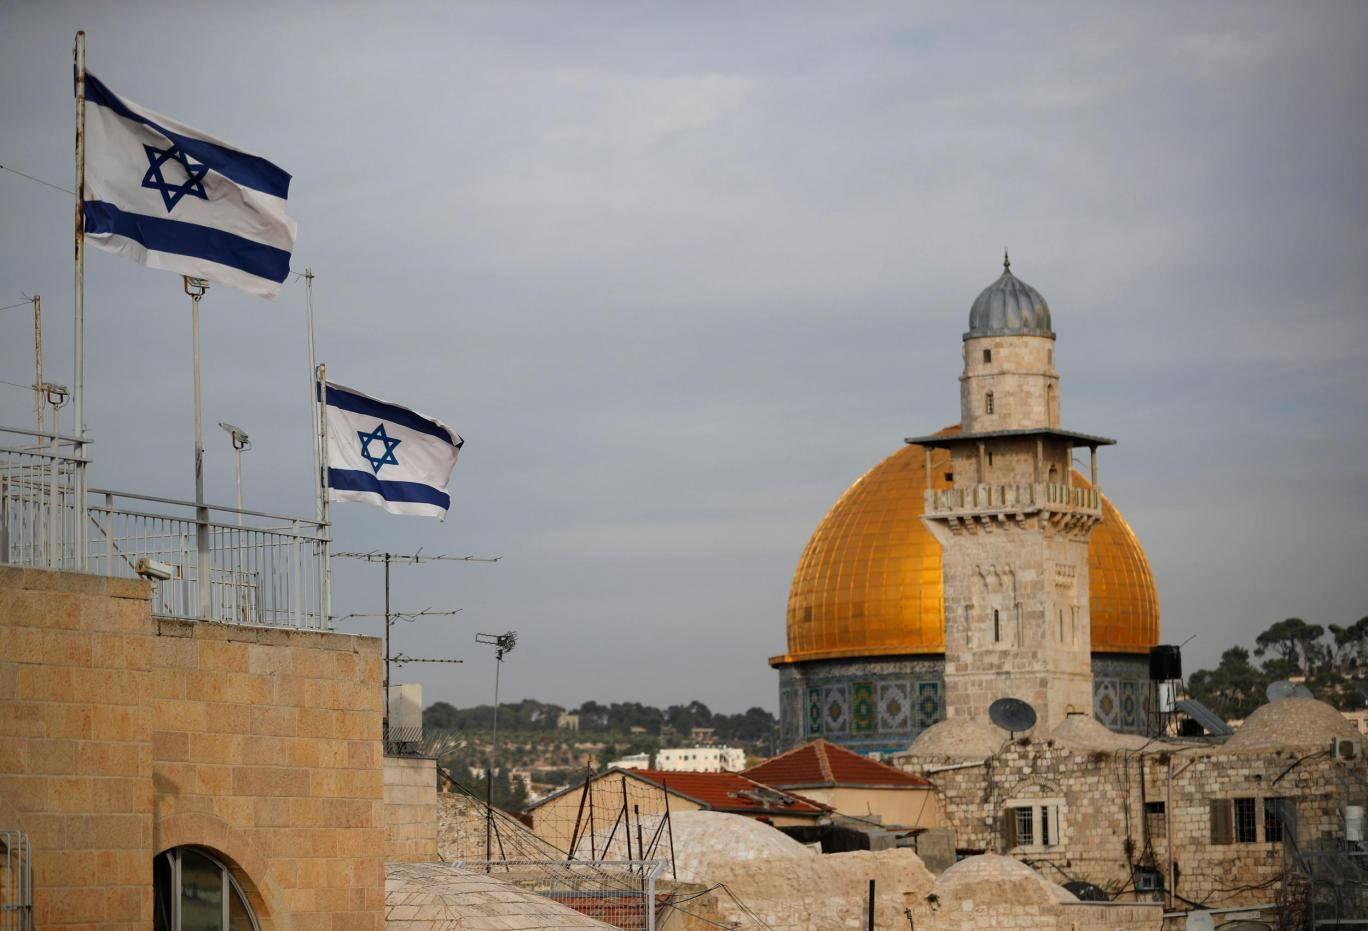 Le dôme de la mosquée Al-Aqsa à Jérusalem